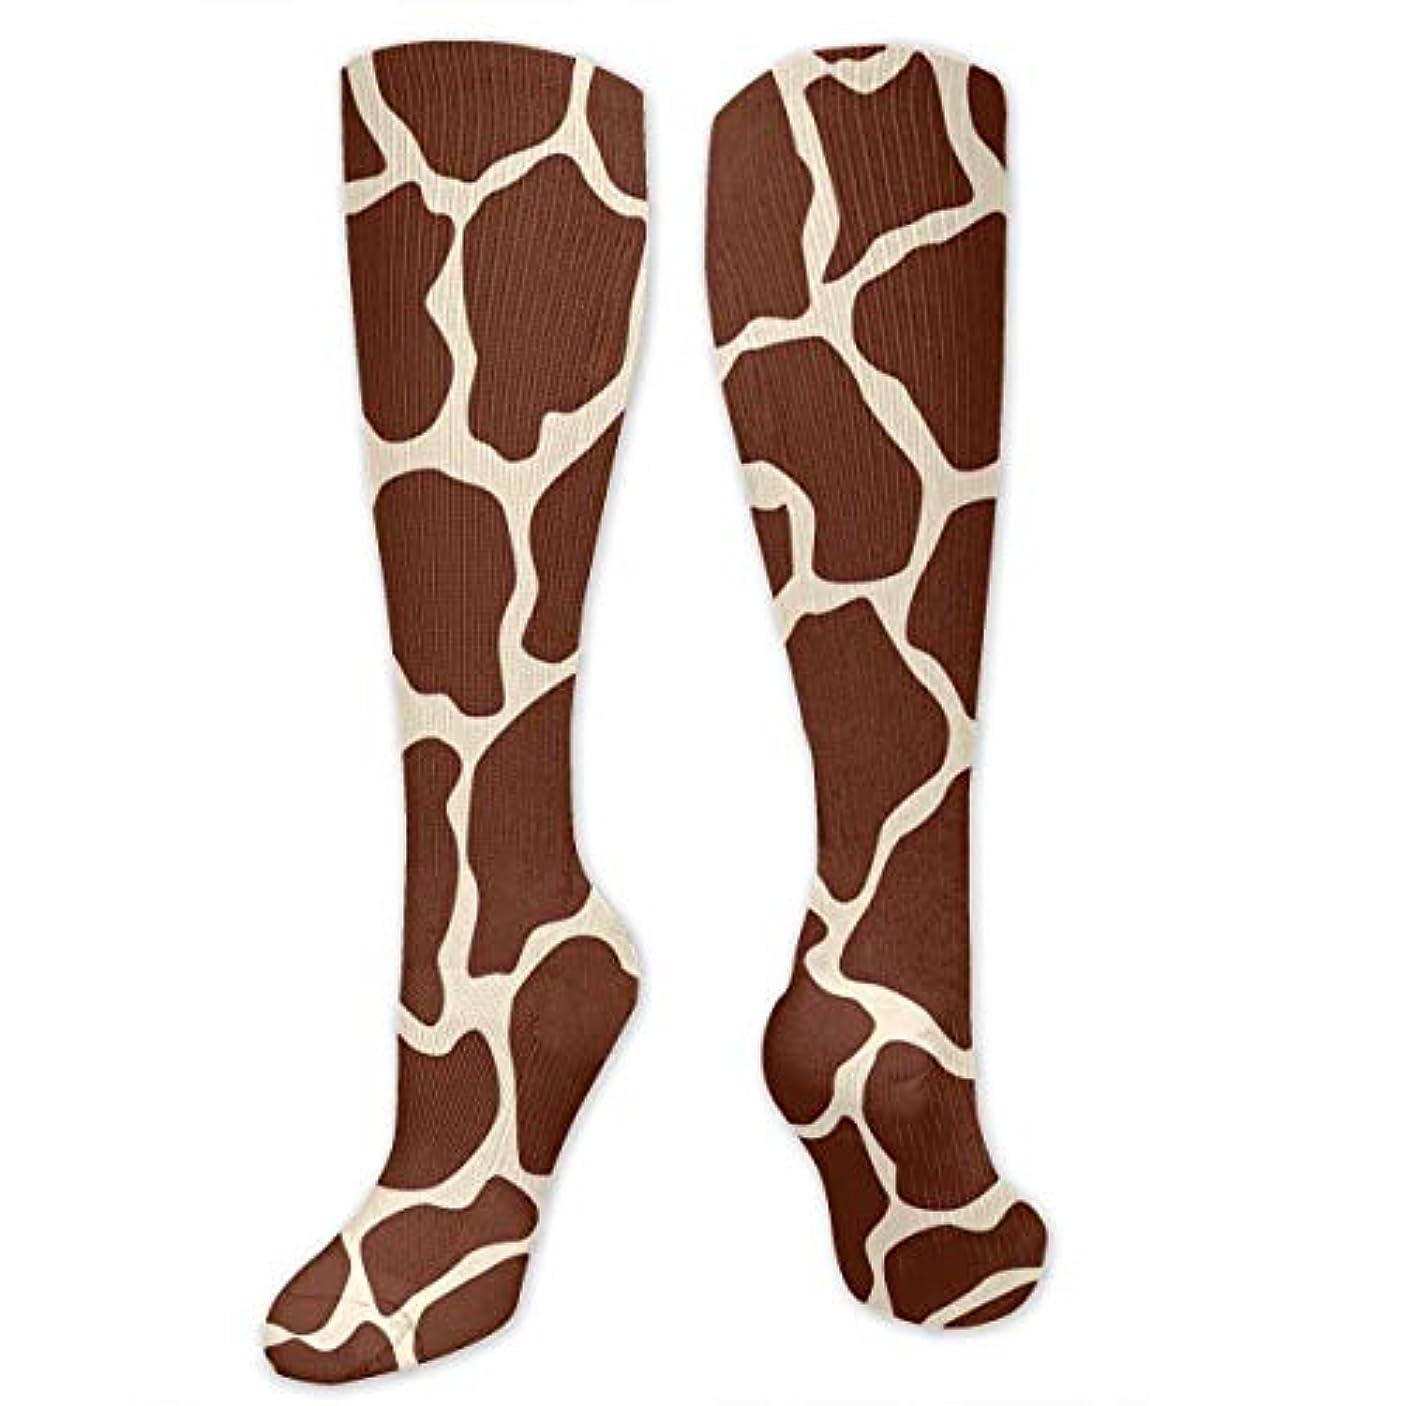 仕出します自然フラフープ靴下,ストッキング,野生のジョーカー,実際,秋の本質,冬必須,サマーウェア&RBXAA Colored Giraffe Pattern Socks Women's Winter Cotton Long Tube Socks...